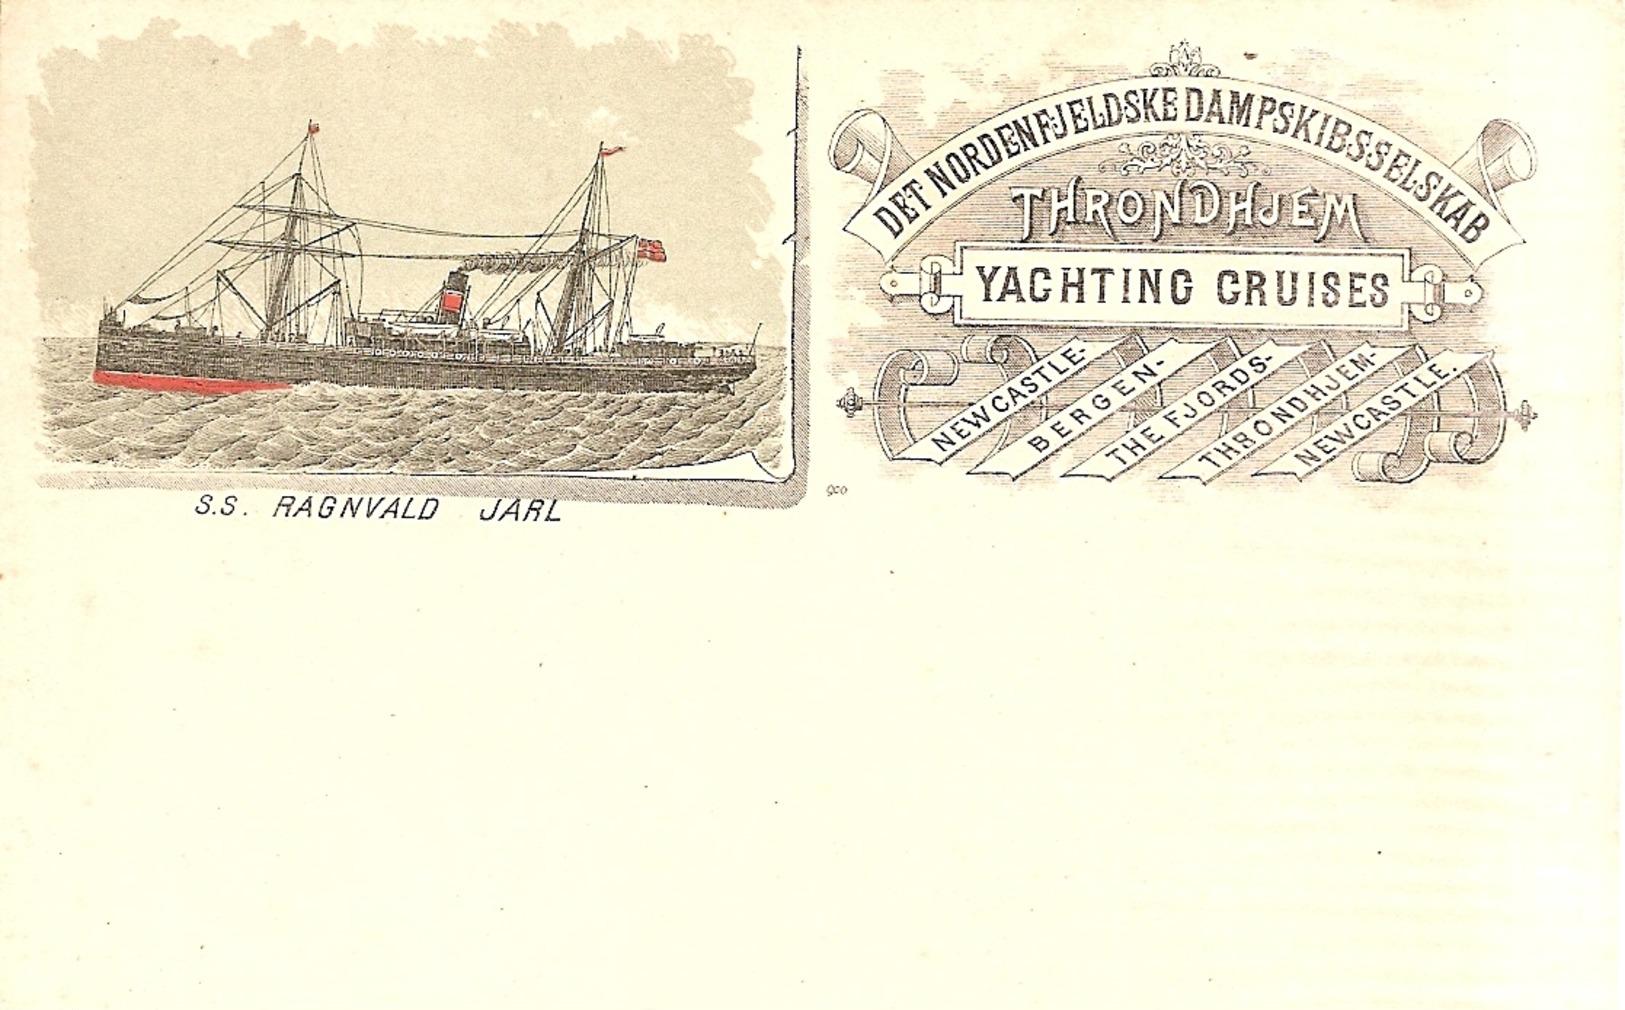 NORVEGE  -  SS. RAGNVALD JARL - Norwegen